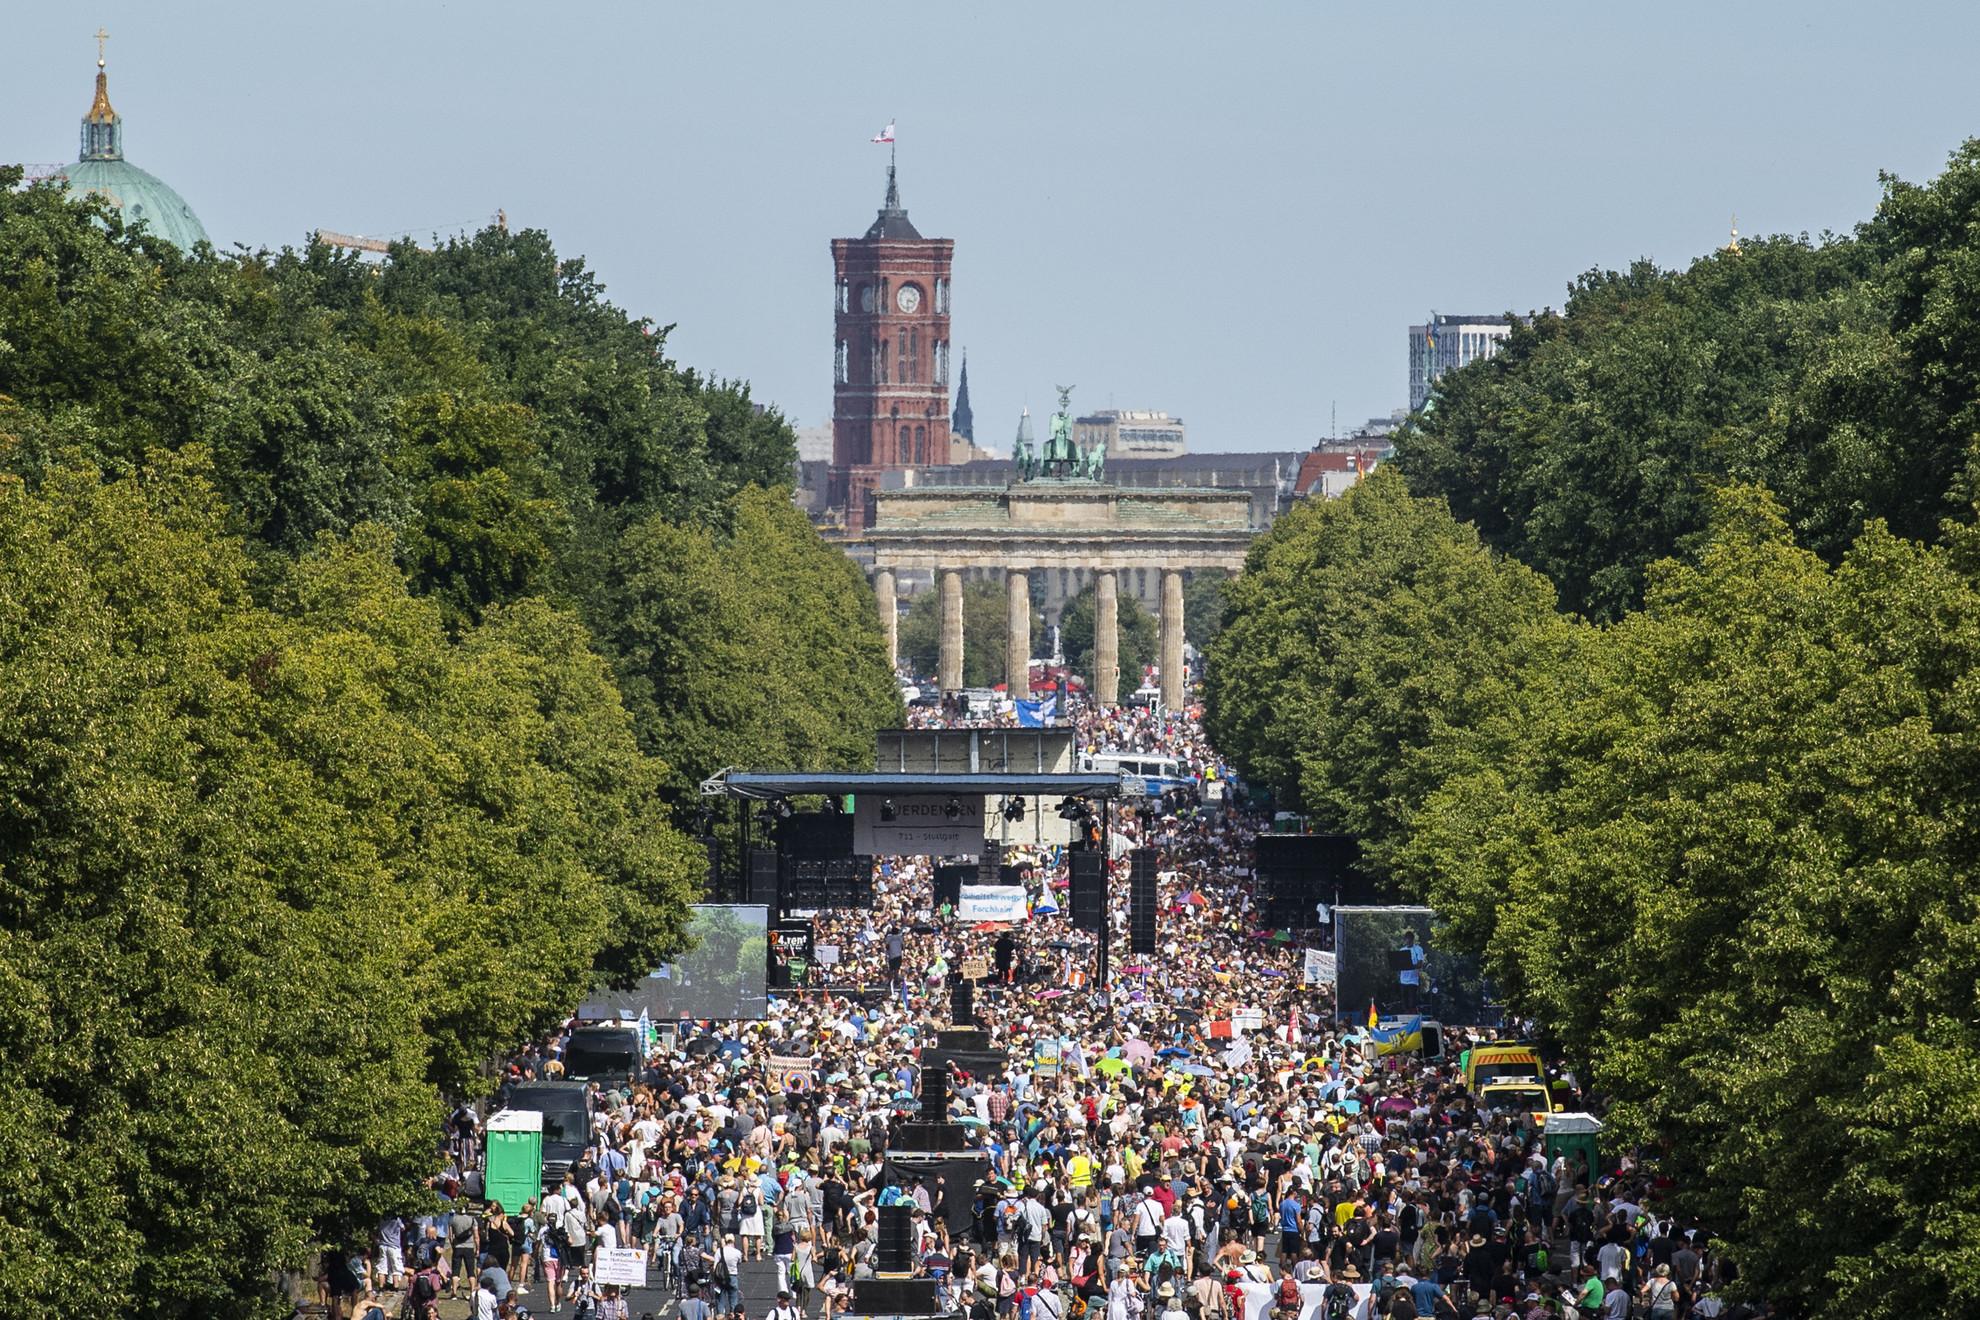 Németországban a szombati tüntetés miatt vita robbant ki arról, a jelen helyzetben meg lehet-e tartani a demonstrációkat